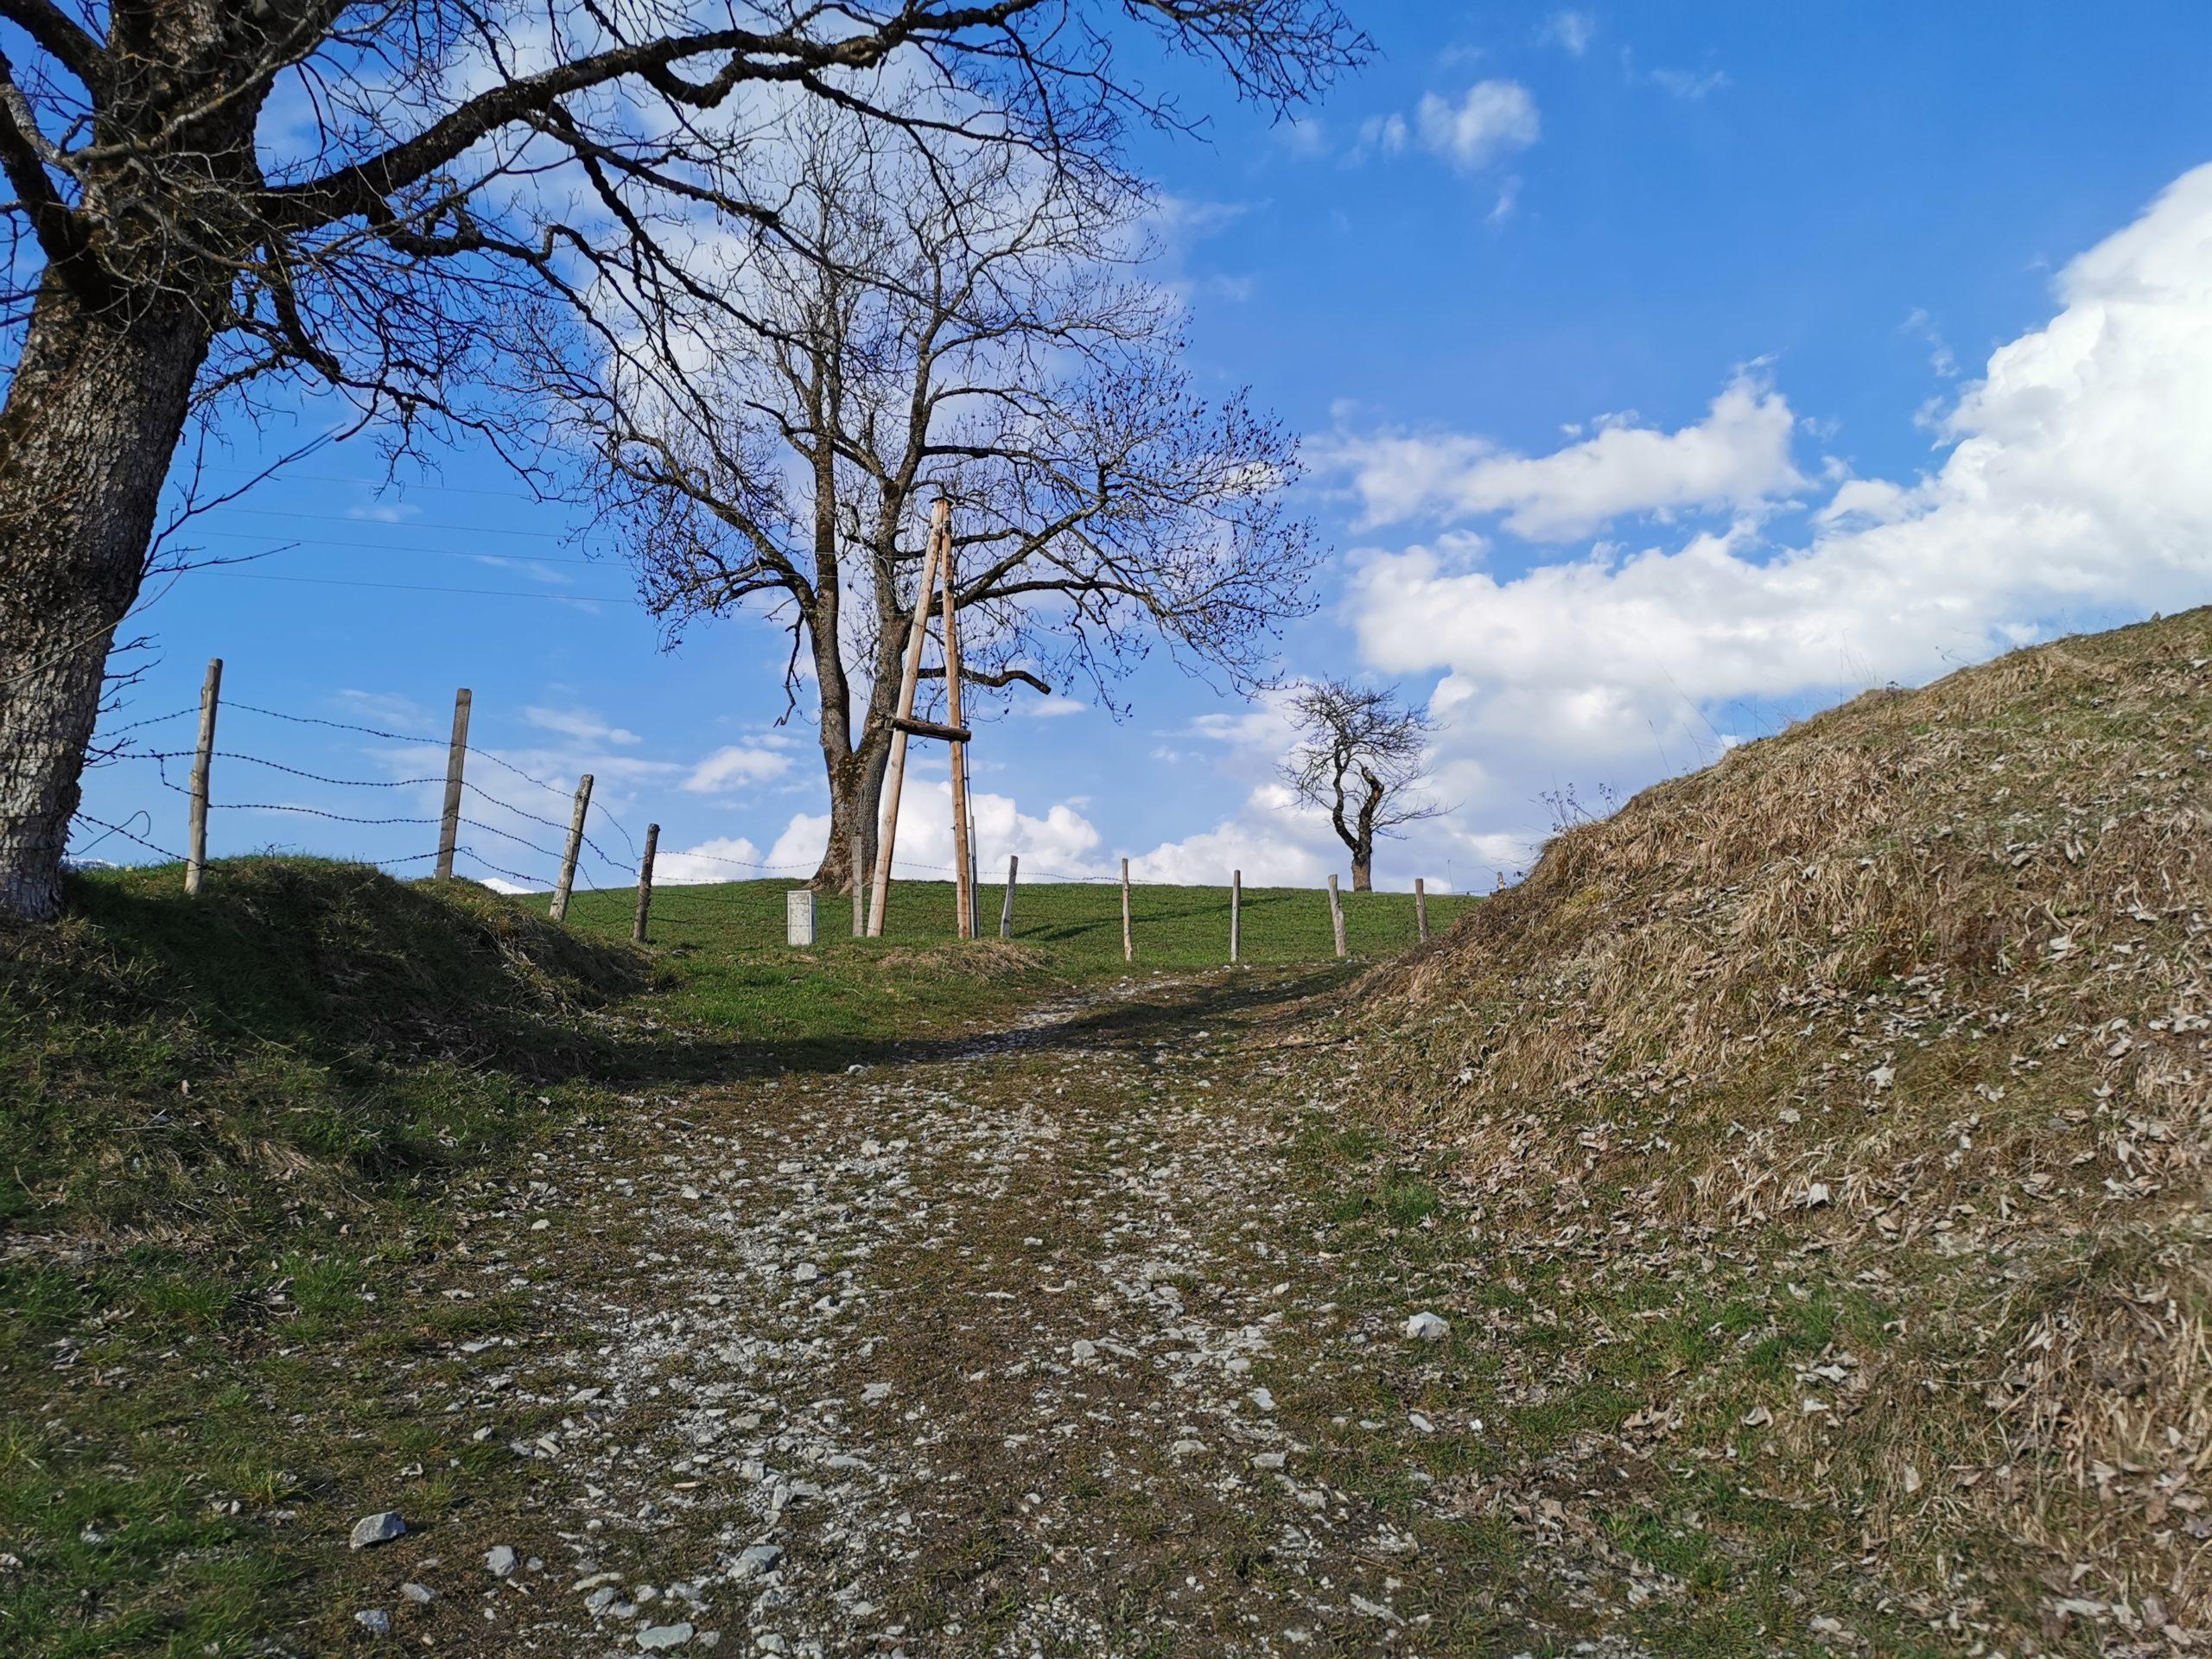 Die liebliche Landschaft von St. Koloman genießen - Taugler Mundartkreuzweg © AlmSinn Martina Egger